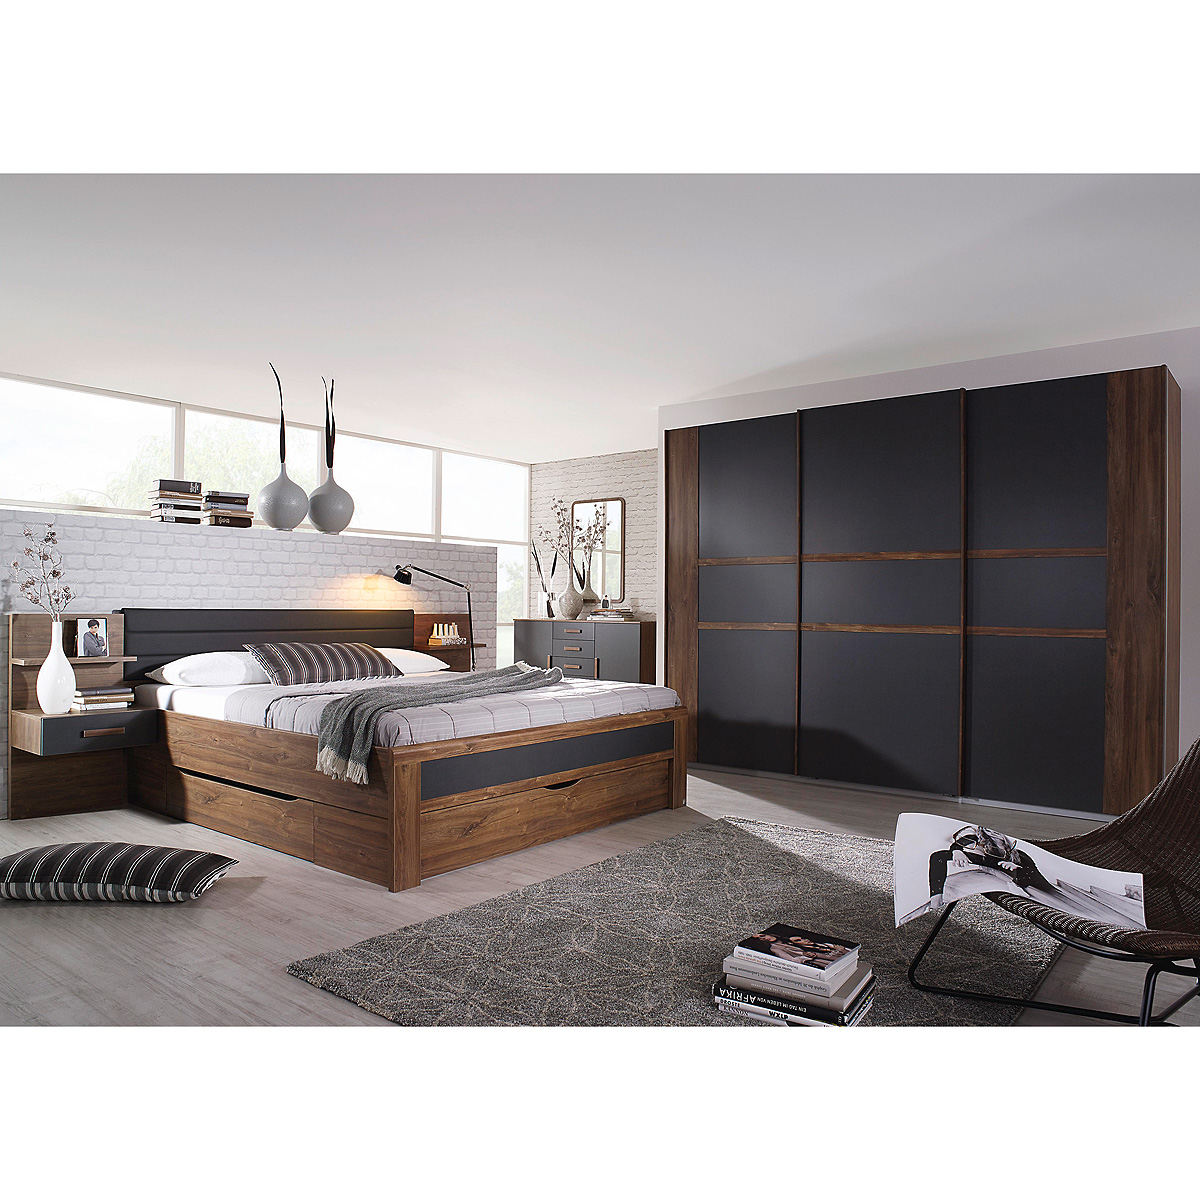 schlafzimmer set 3 bernau bett nako kleiderschrank eiche. Black Bedroom Furniture Sets. Home Design Ideas